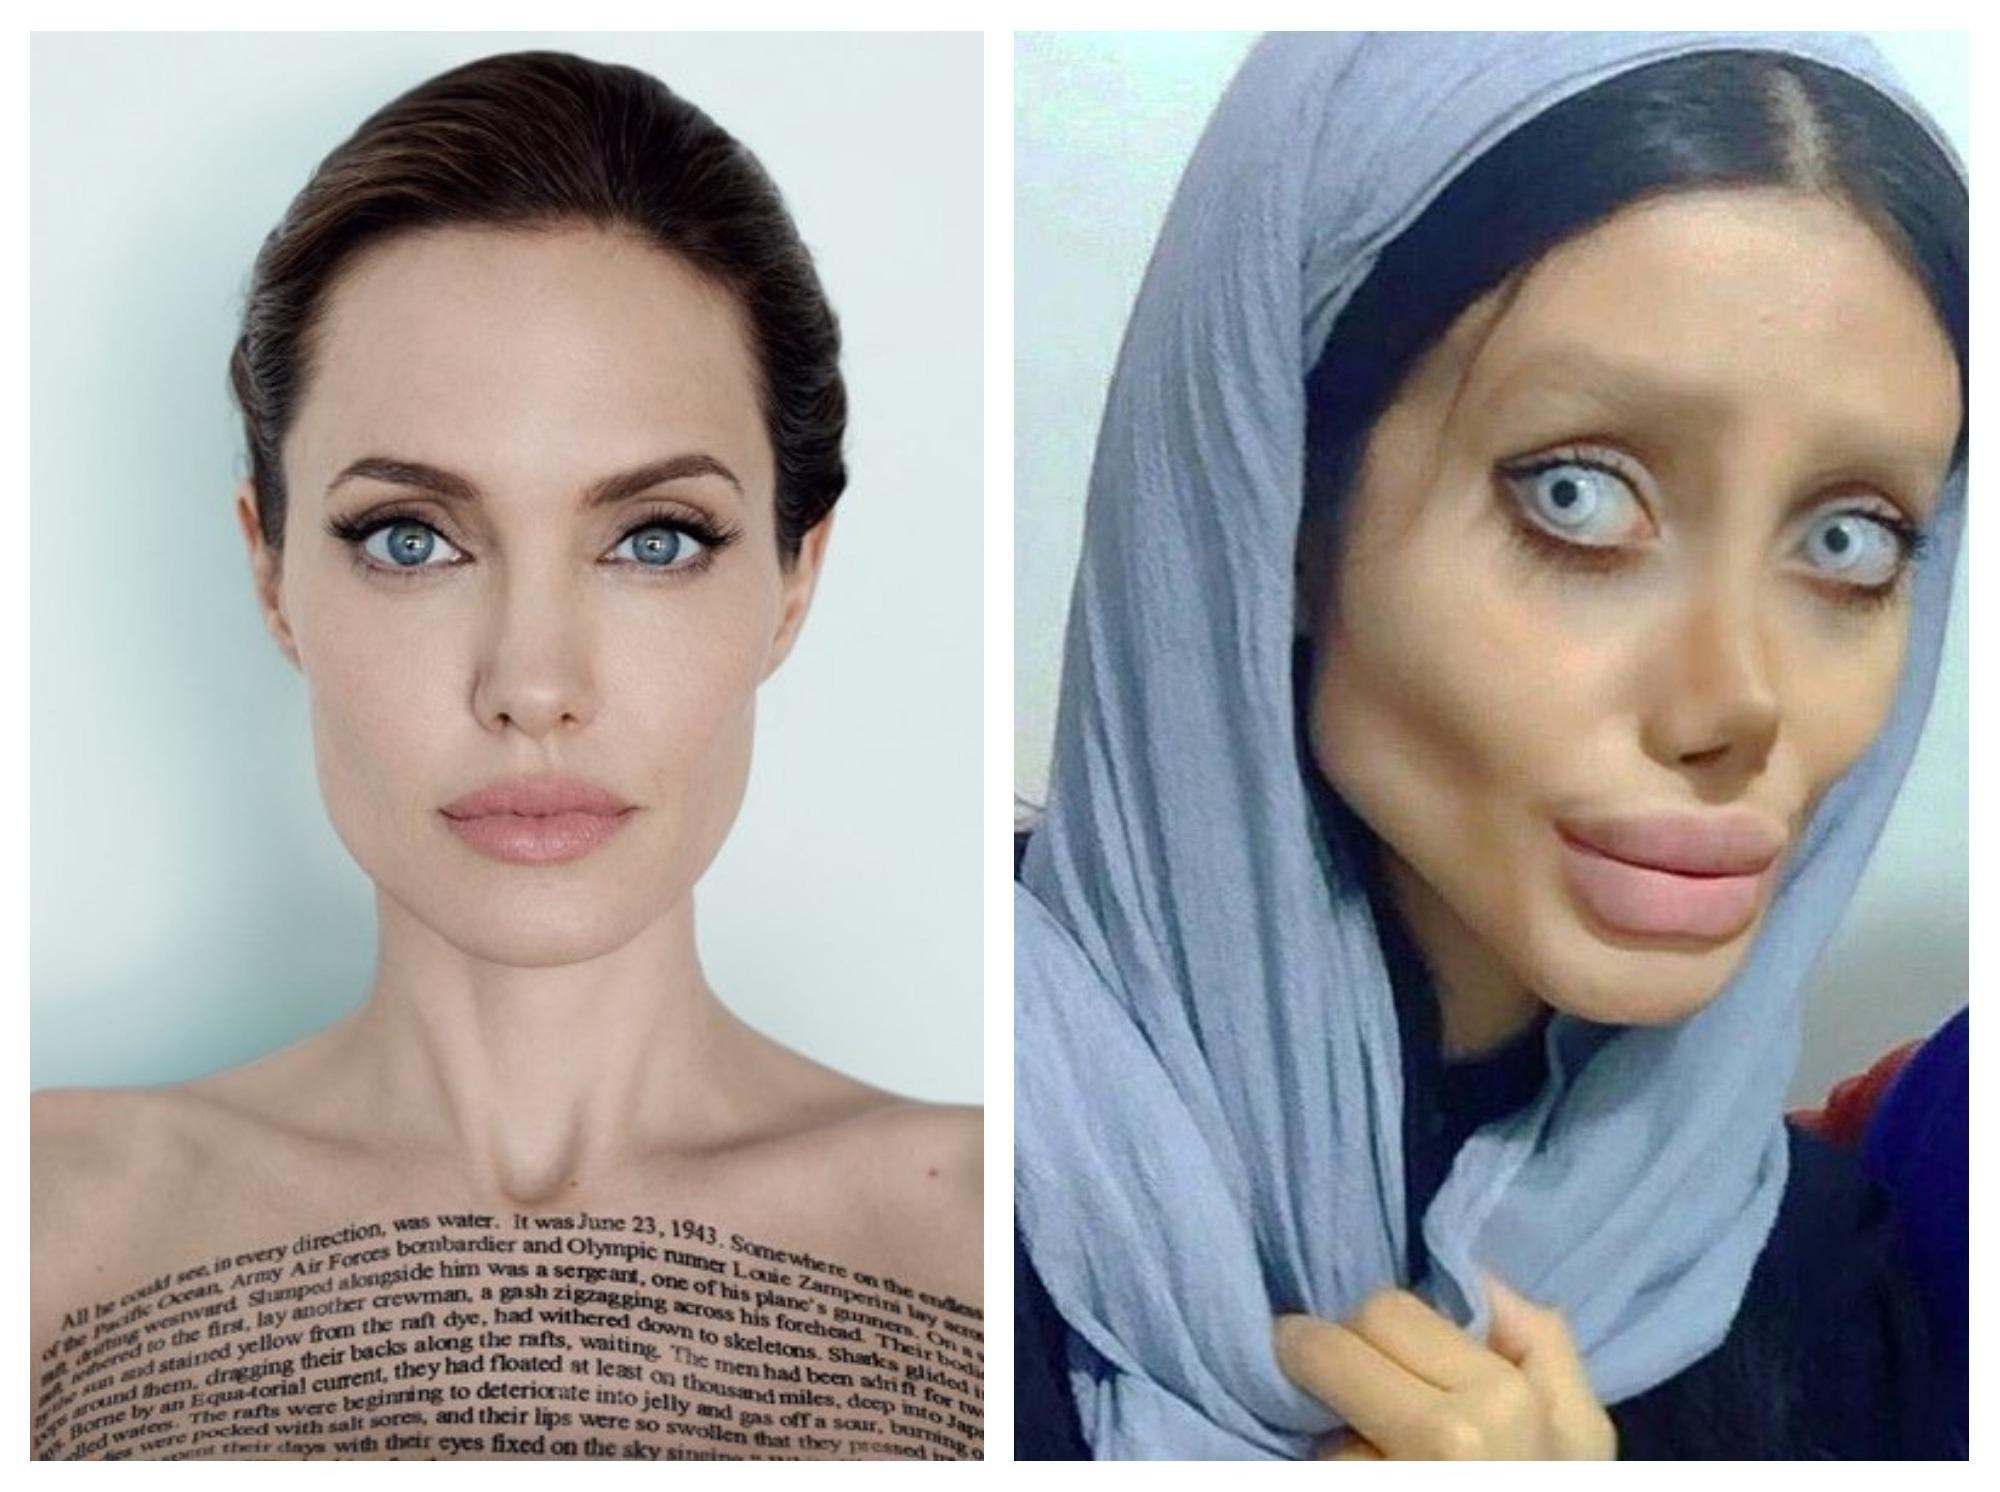 Соцсети в шоке: иранка сделала 50 операций, чтобы стать похожей на Анджелину Джоли – ФОТО